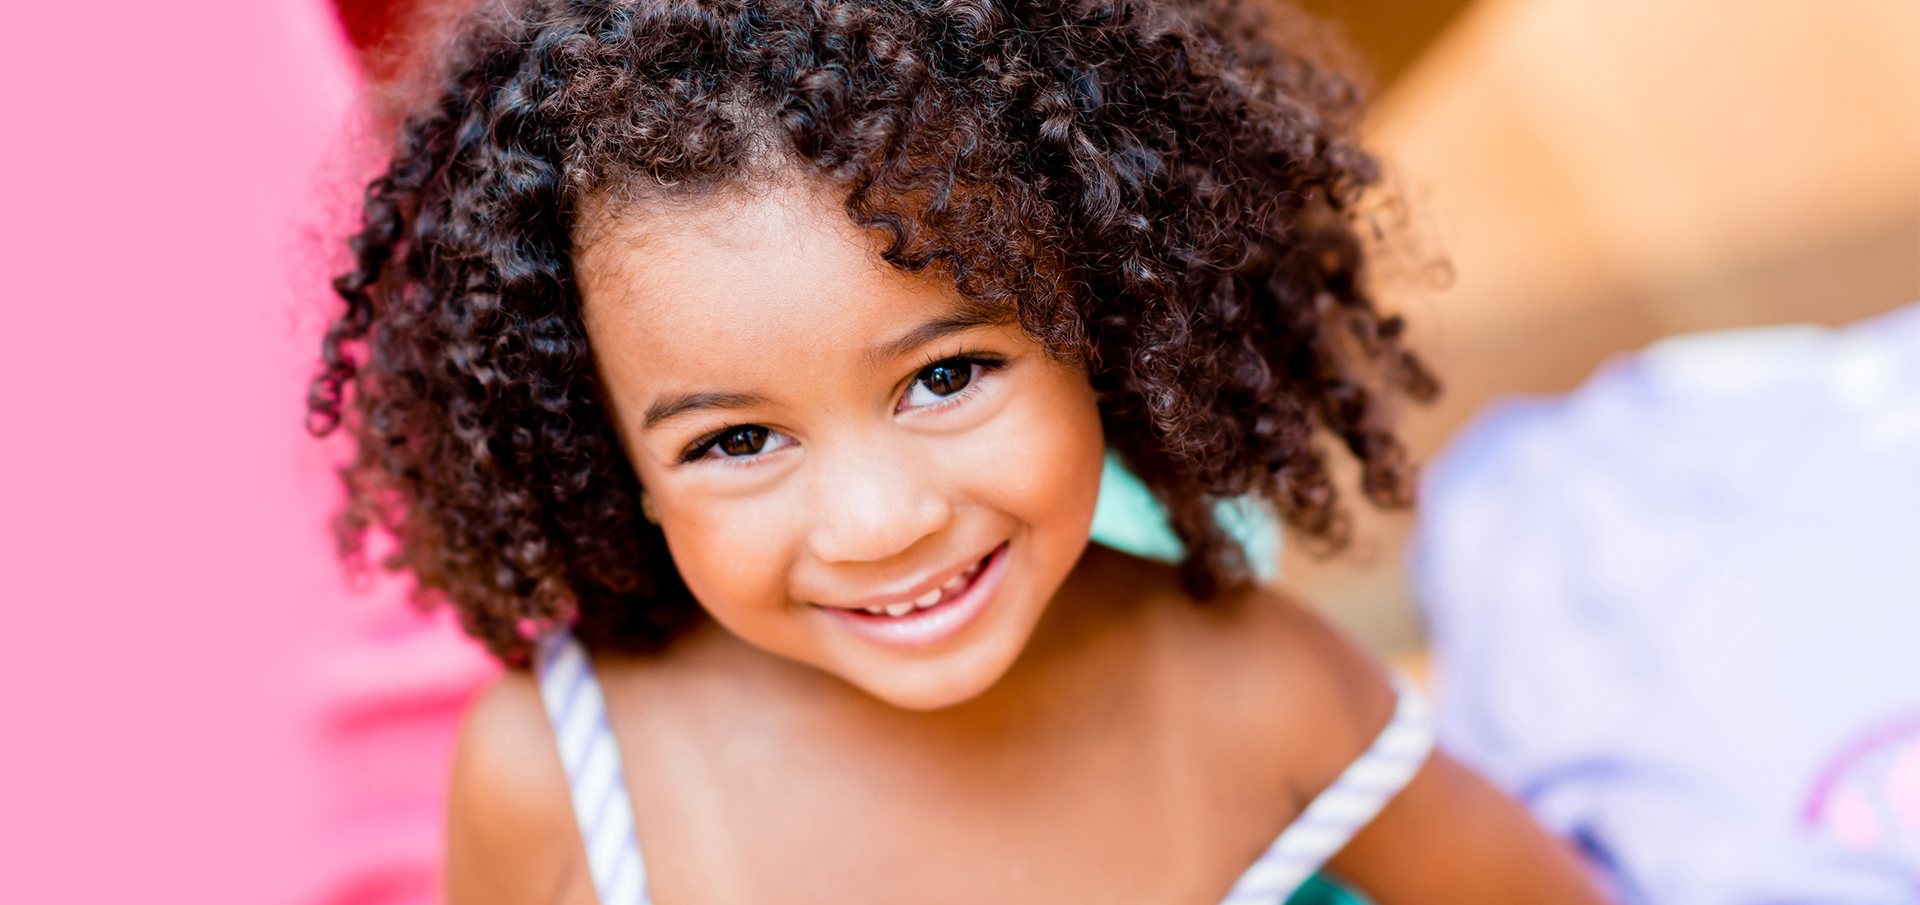 Child Centered Dental Care